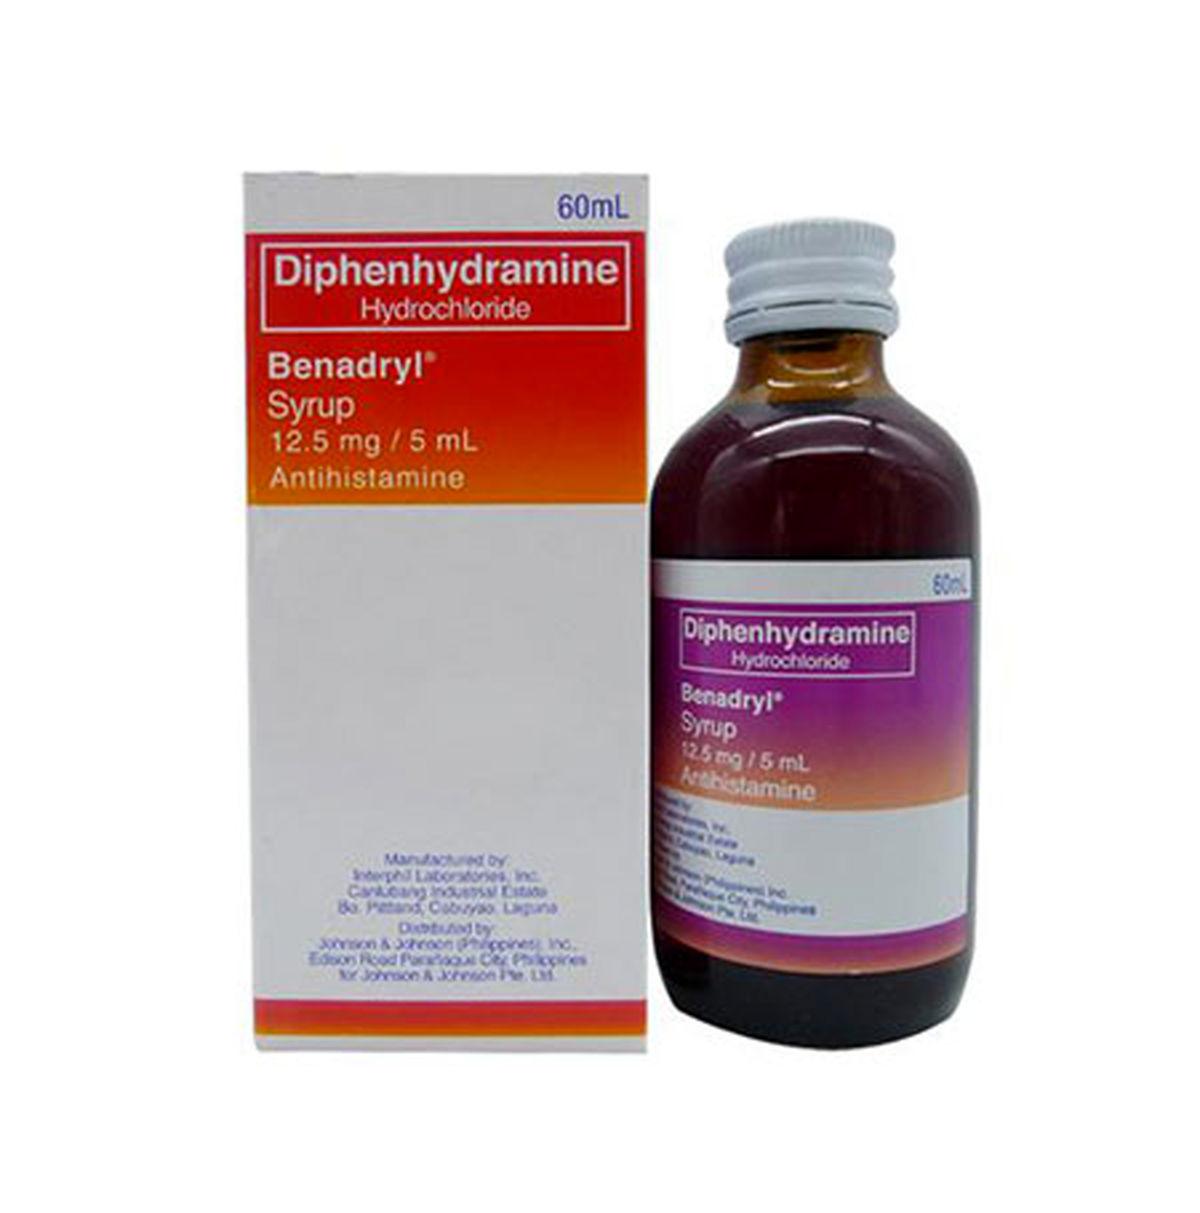 شربت دیفن هیدرامین چیست؟ + موارد مصرف و عوارض